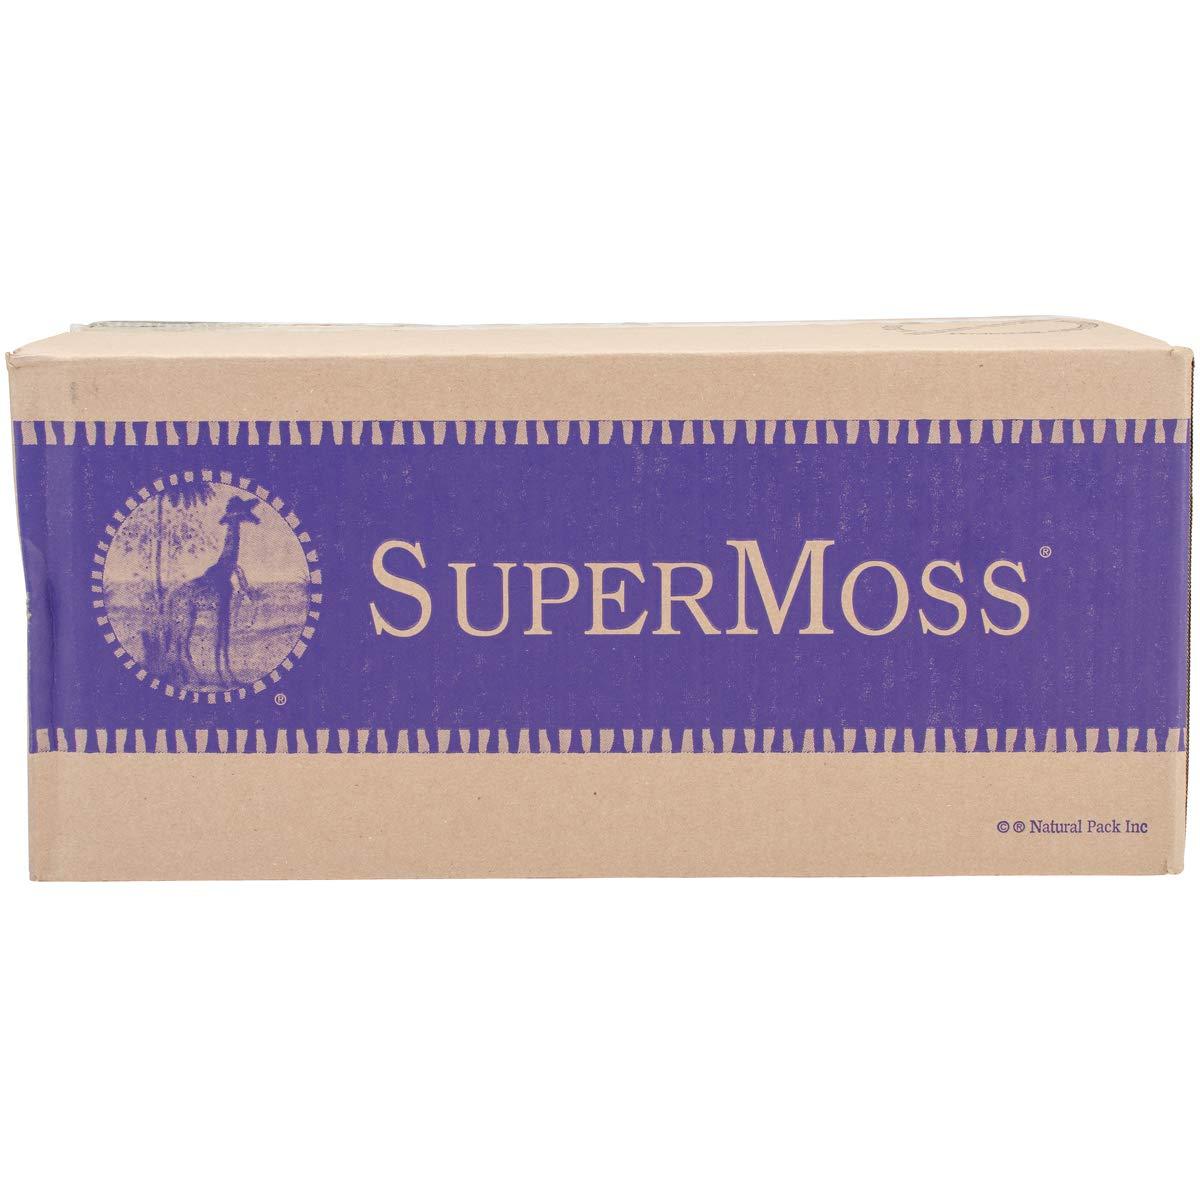 8oz Brown 23092 SuperMoss Reindeer Moss Preserved